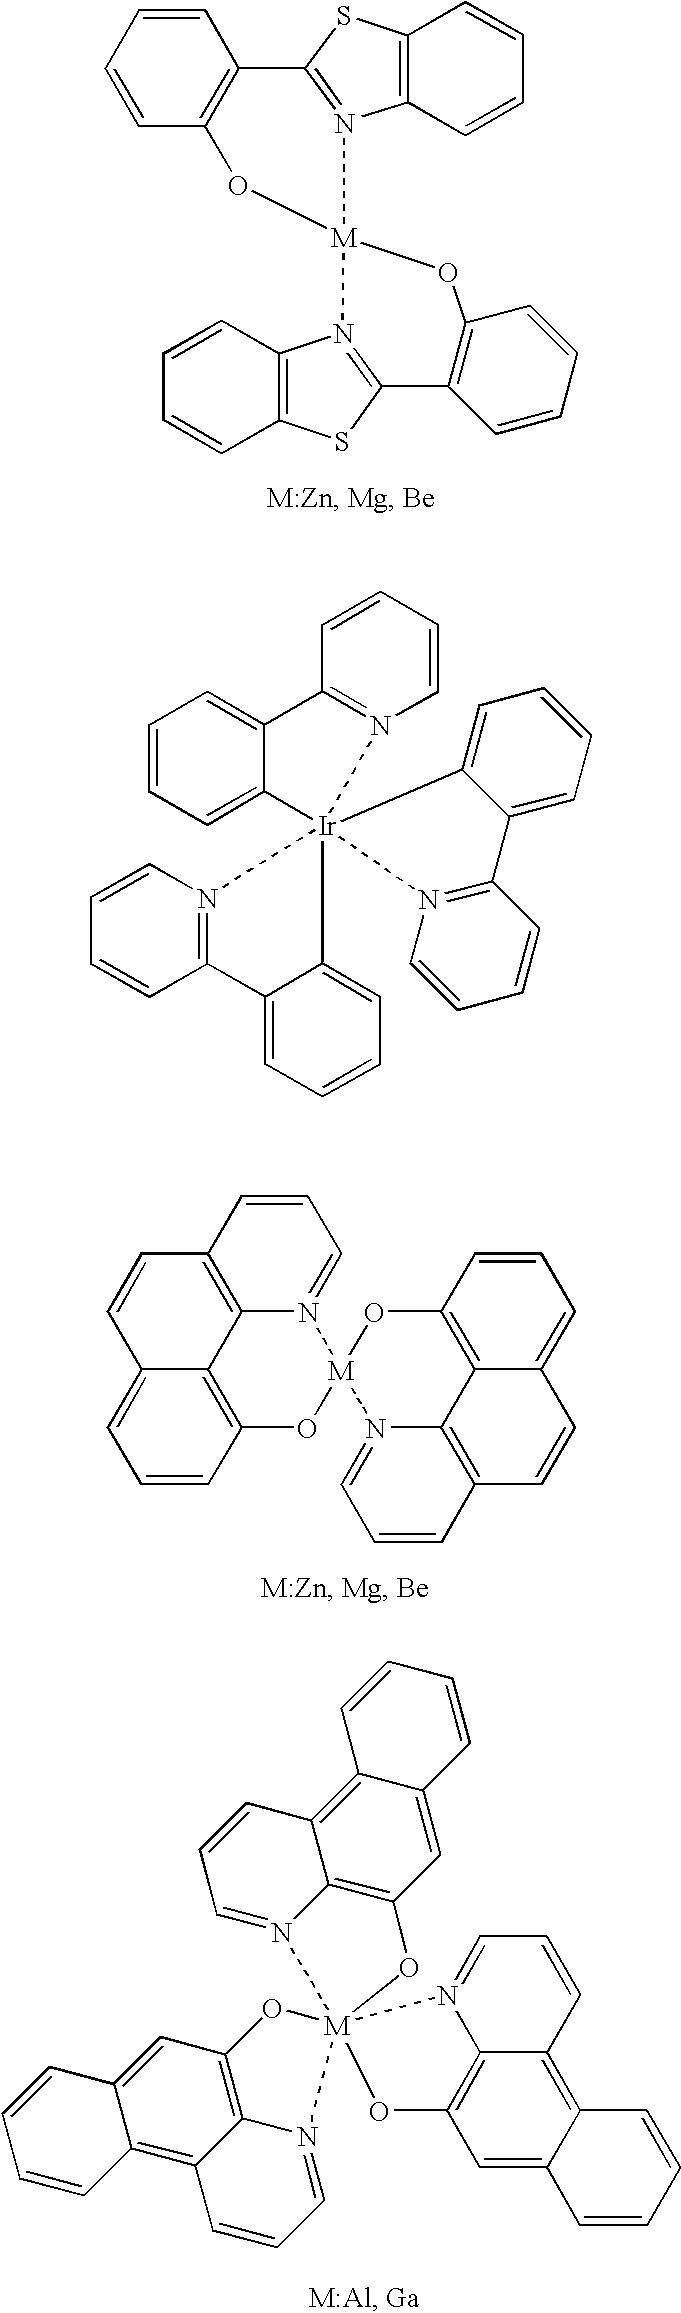 Figure US20060134425A1-20060622-C00025